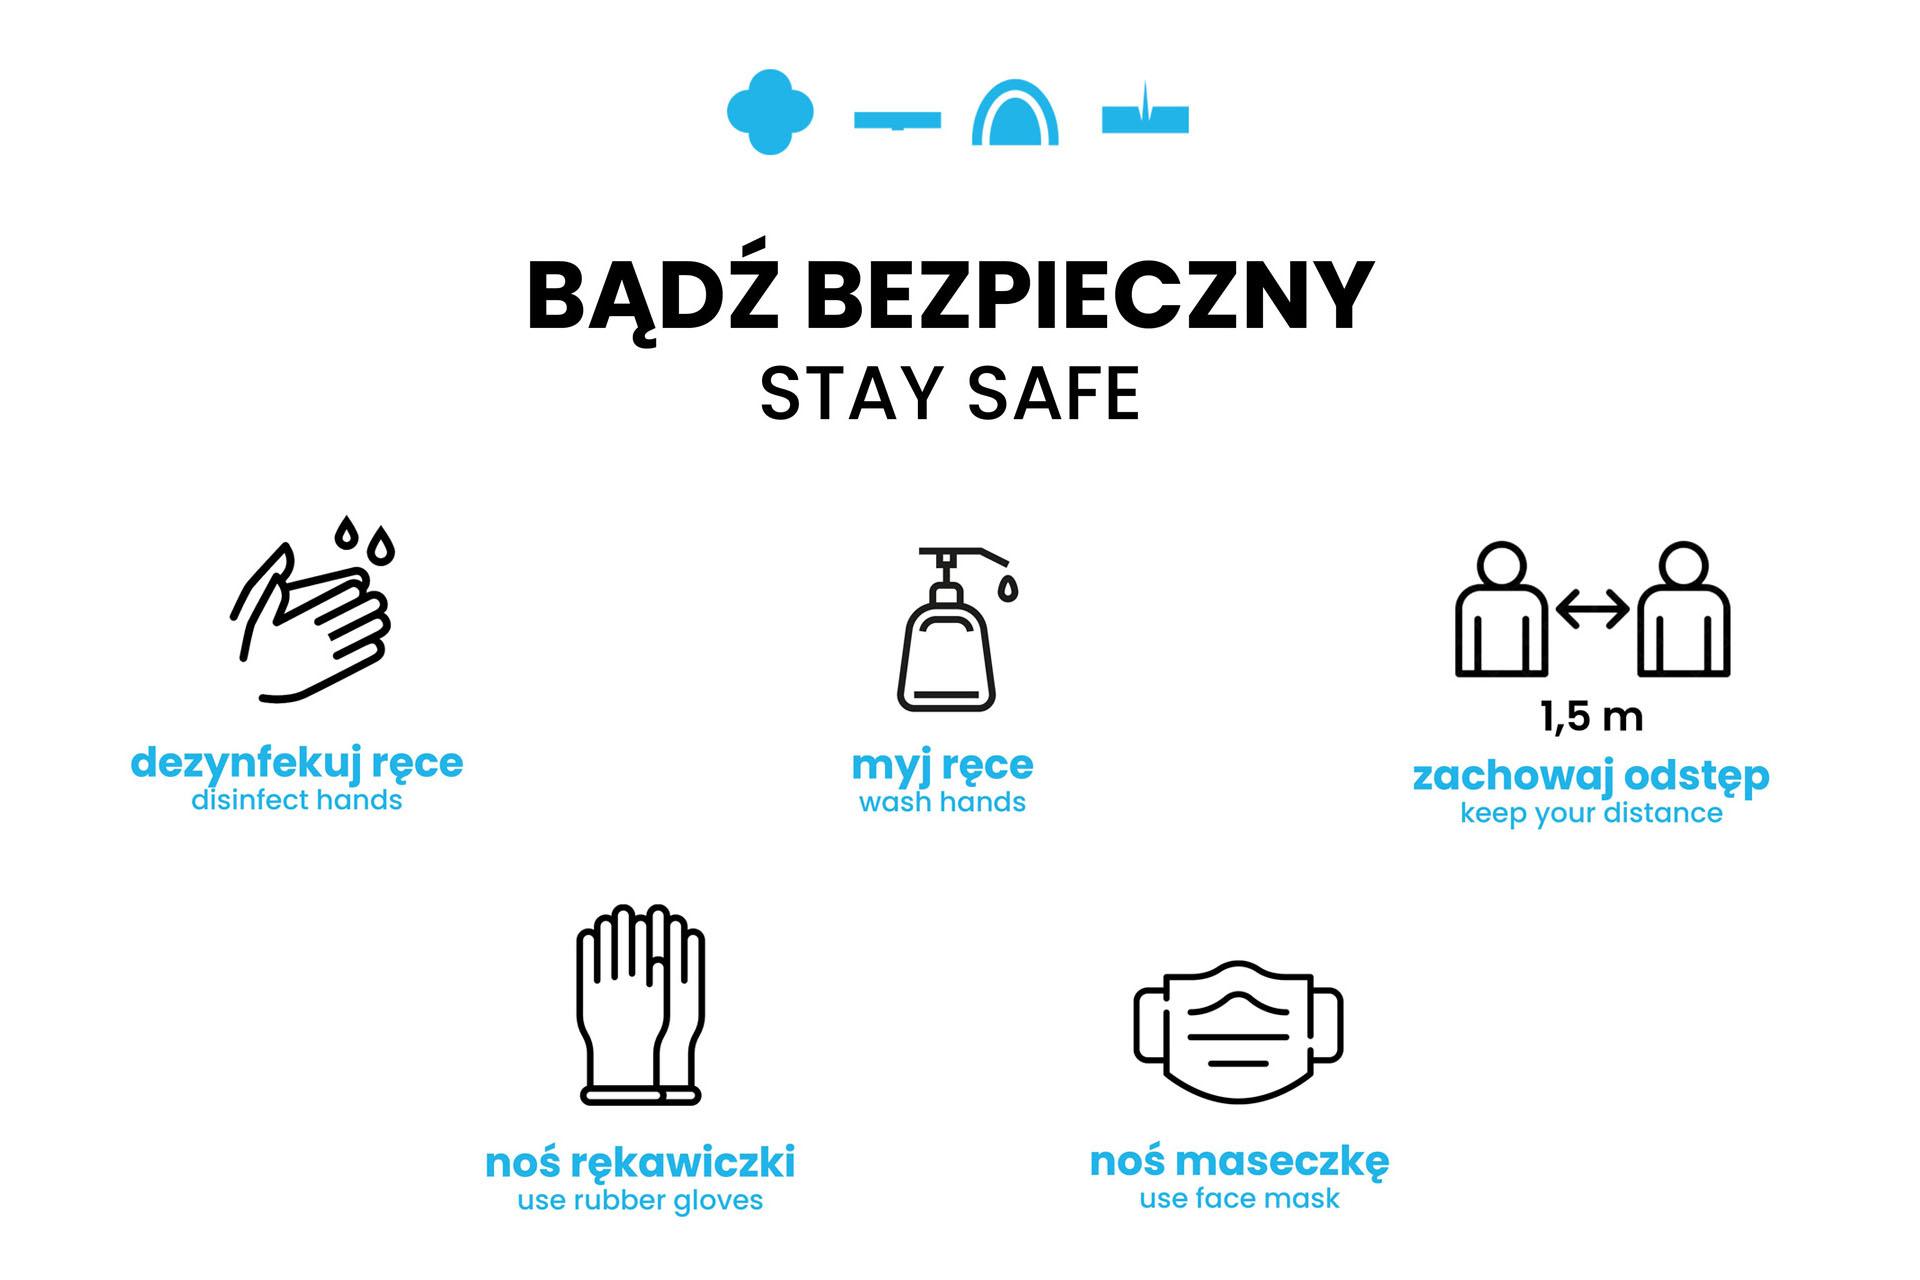 Bądź bezpieczny - zasady